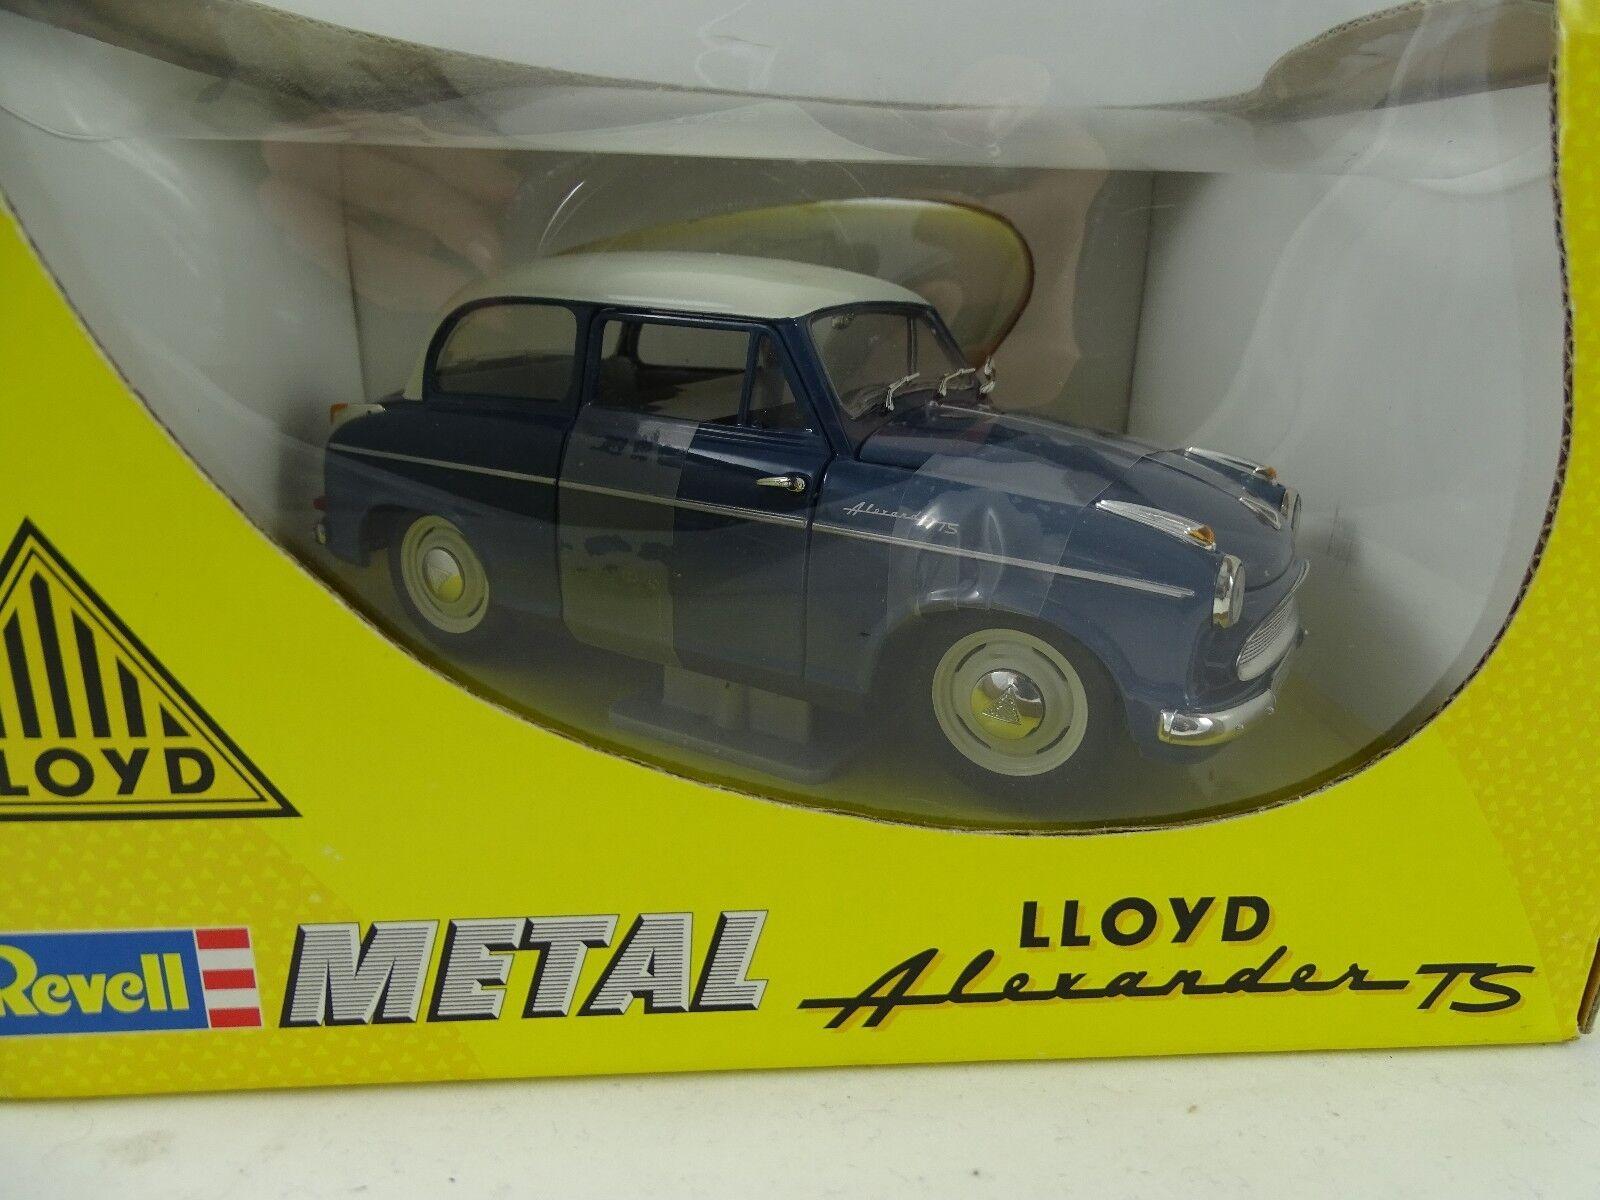 primera reputación de los clientes primero 1 18 Revell Revell Revell  08960 Lloyd Alexander ts azul-rareza nuevo en el embalaje original §  100% autentico